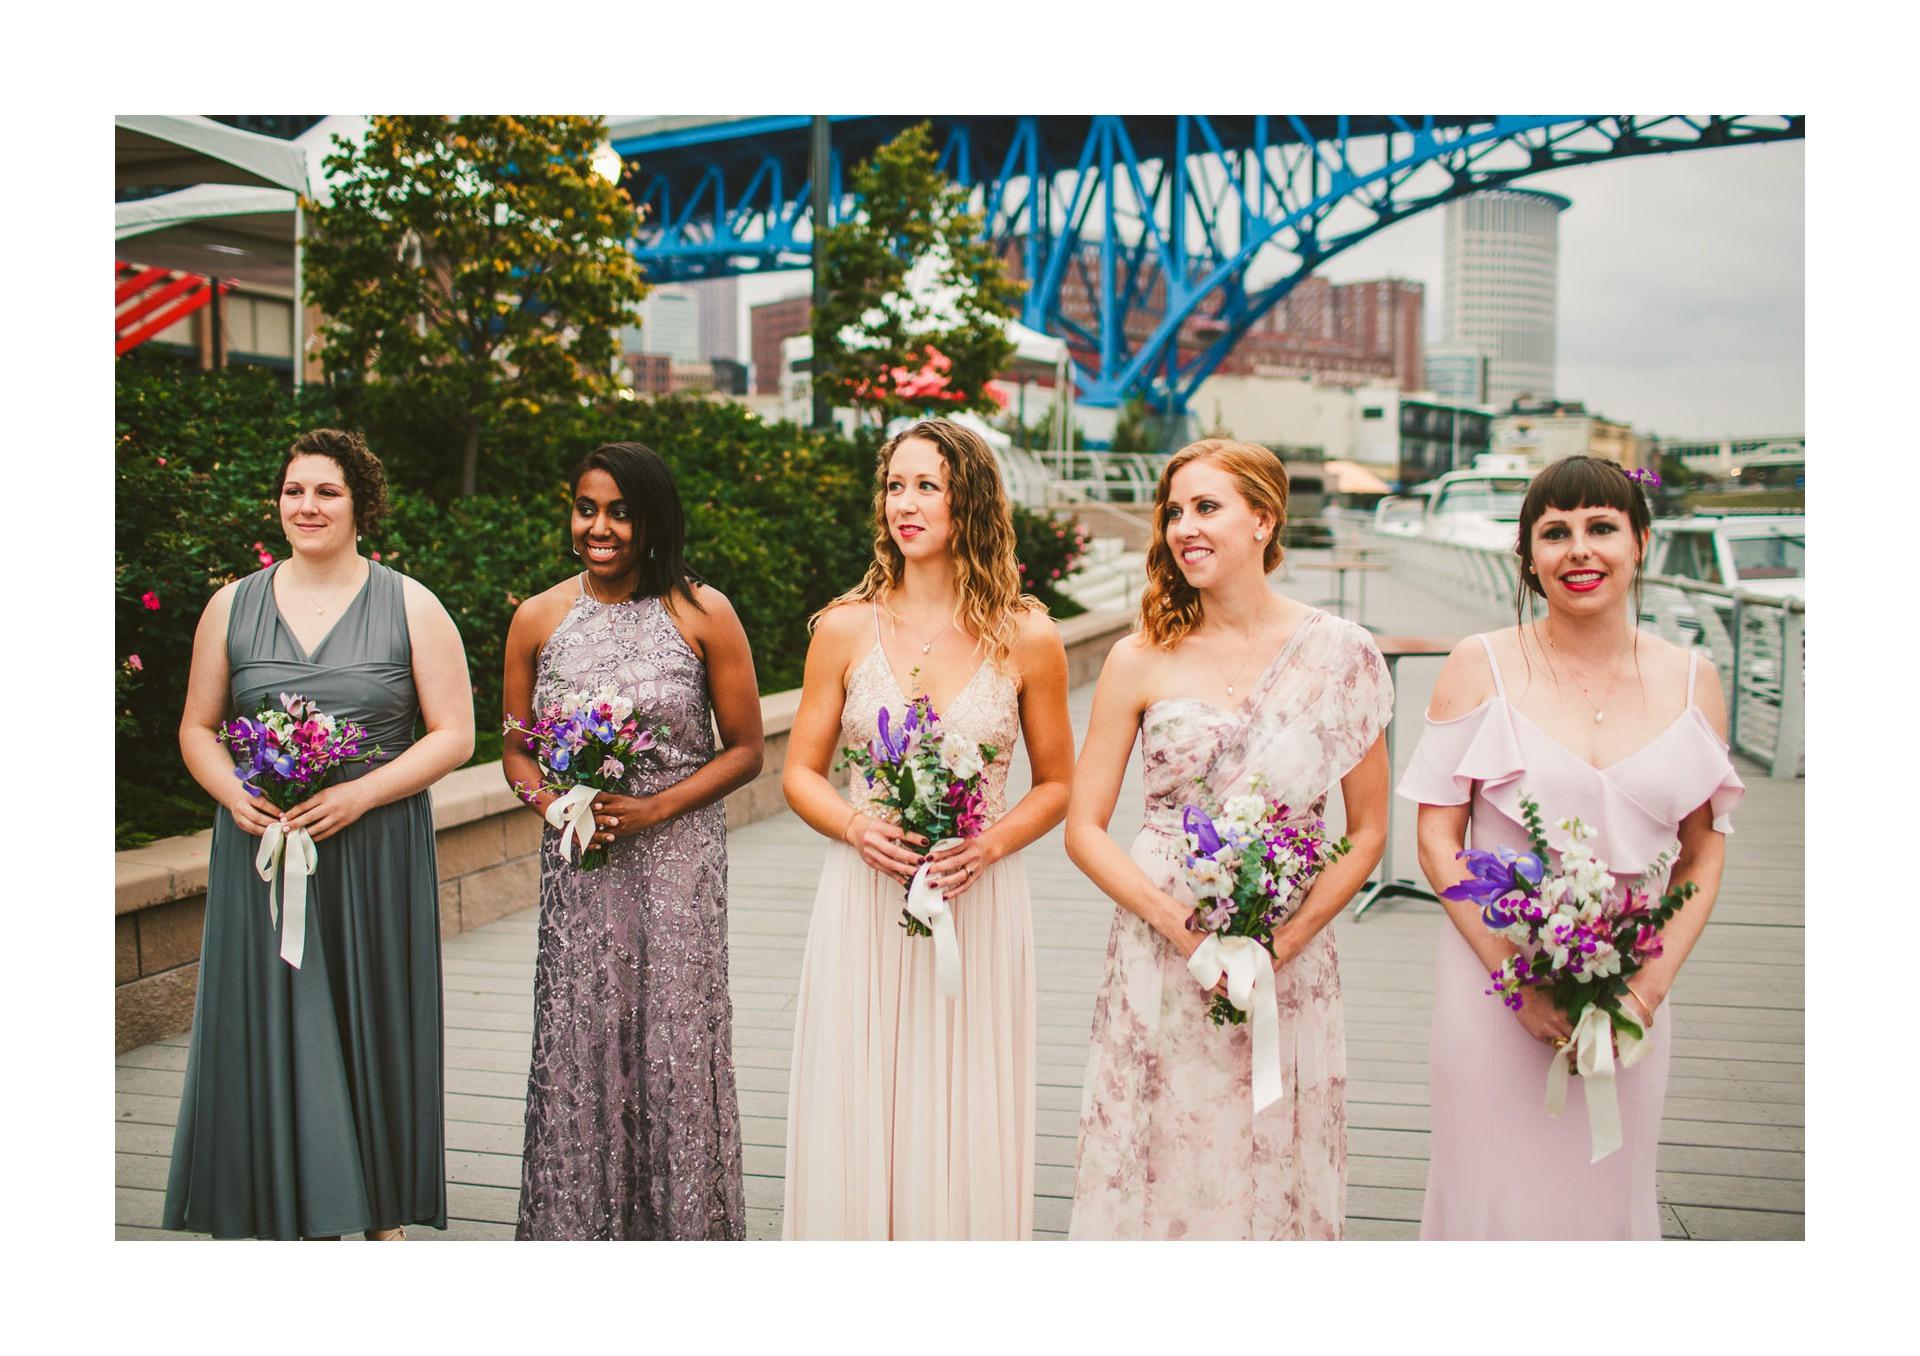 Aloft Hotel Alley Cat Oyster Bar Wedding in Cleveland 39.jpg